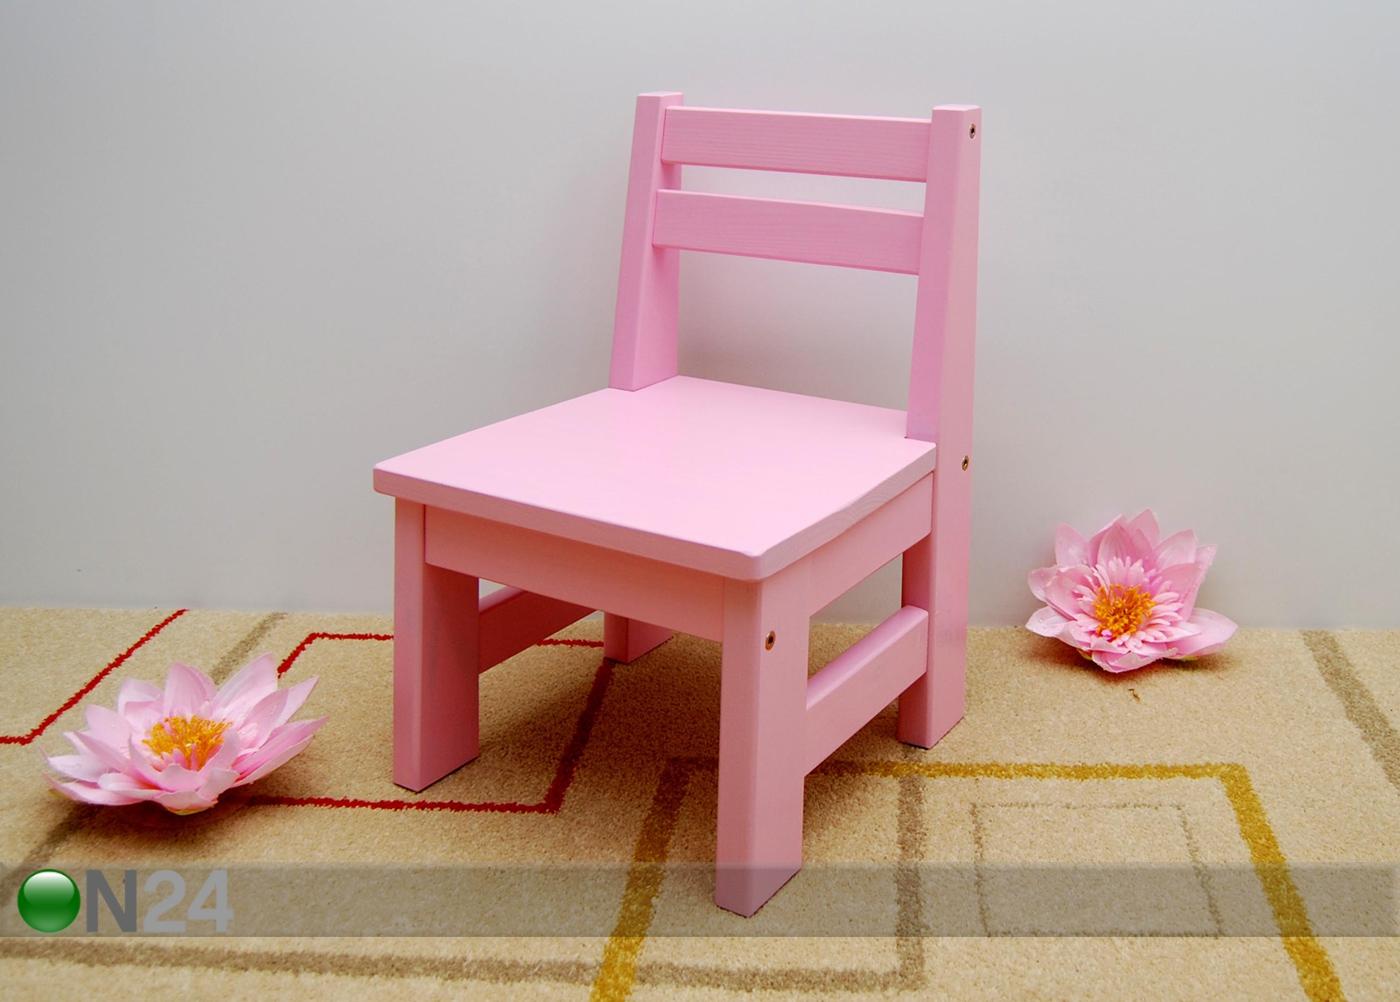 Lasten tuoli MINNI FY 26343  ON24 Sisustustavaratalo